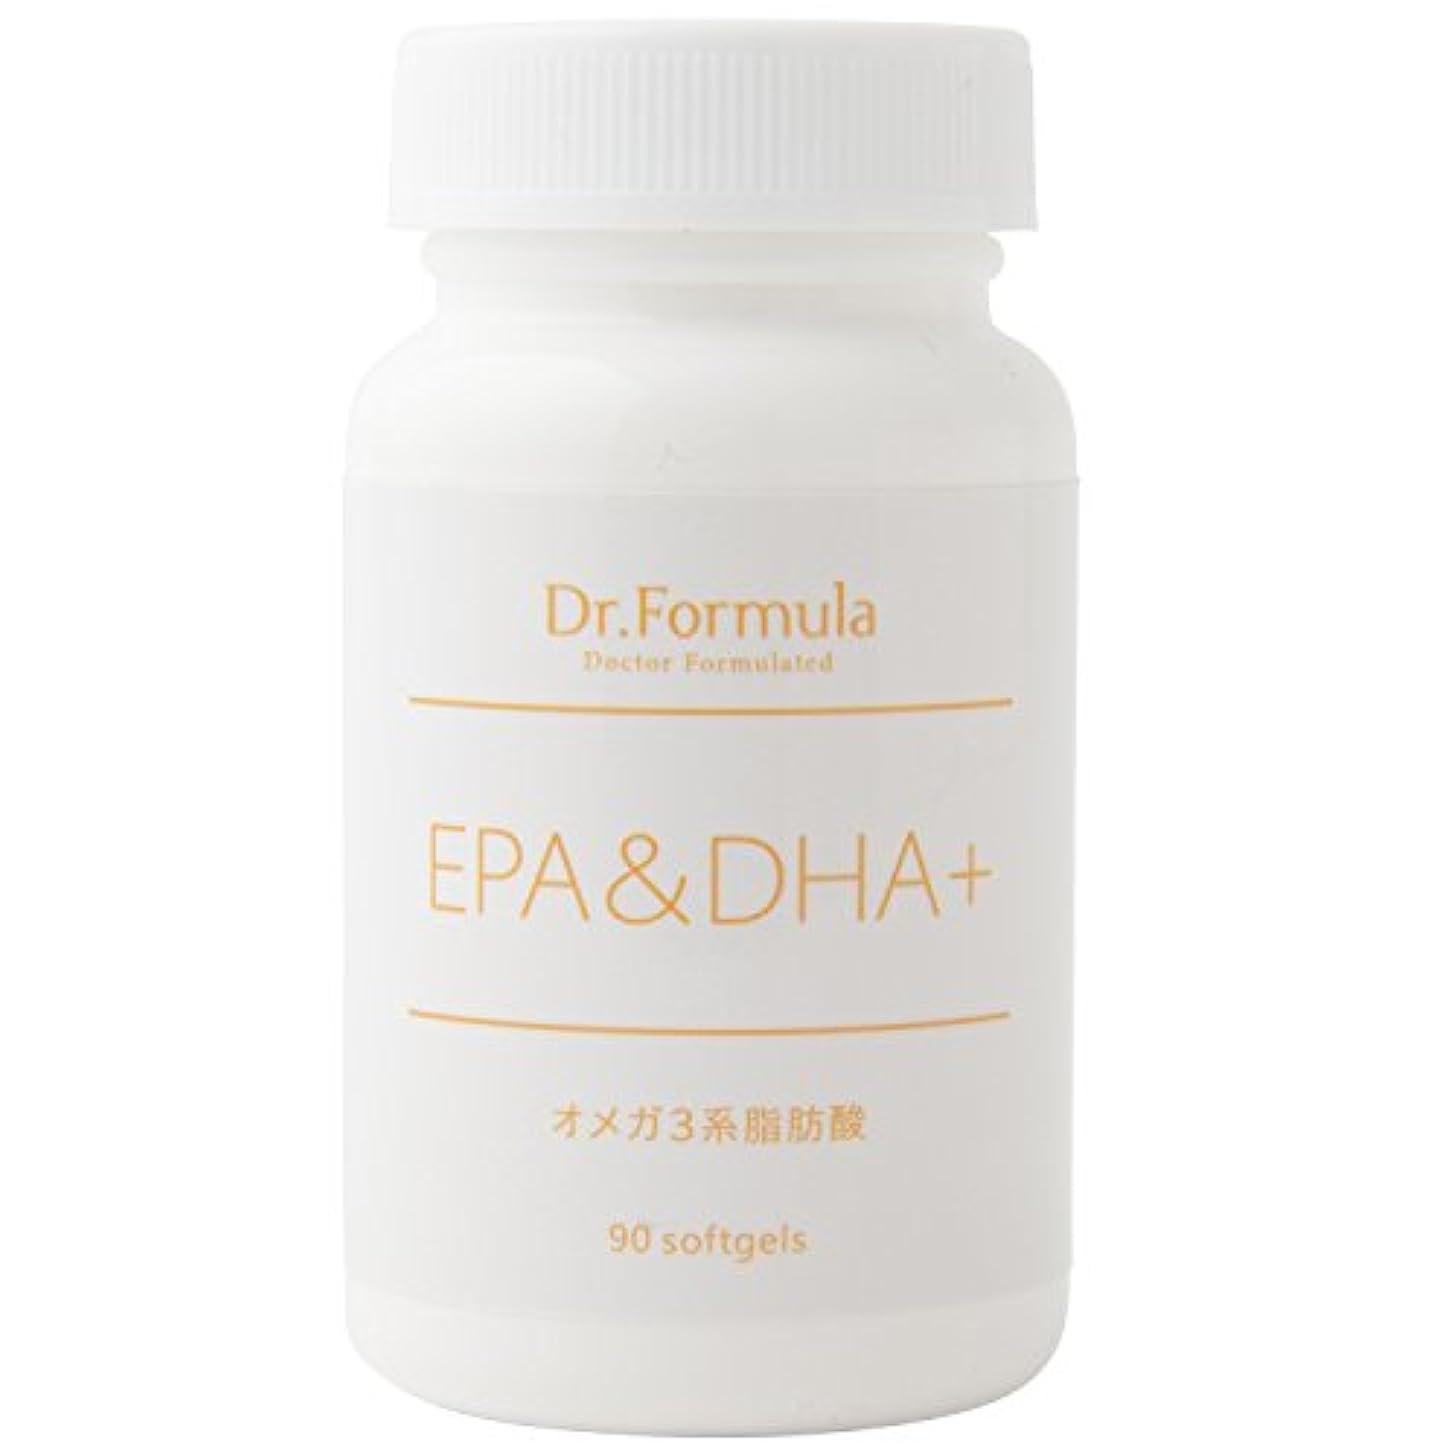 さておきがんばり続けるメルボルンDr.Formula EPA&DHA+(オメガ 3系脂肪酸) 30日分 90粒 日本製 OMEGA3